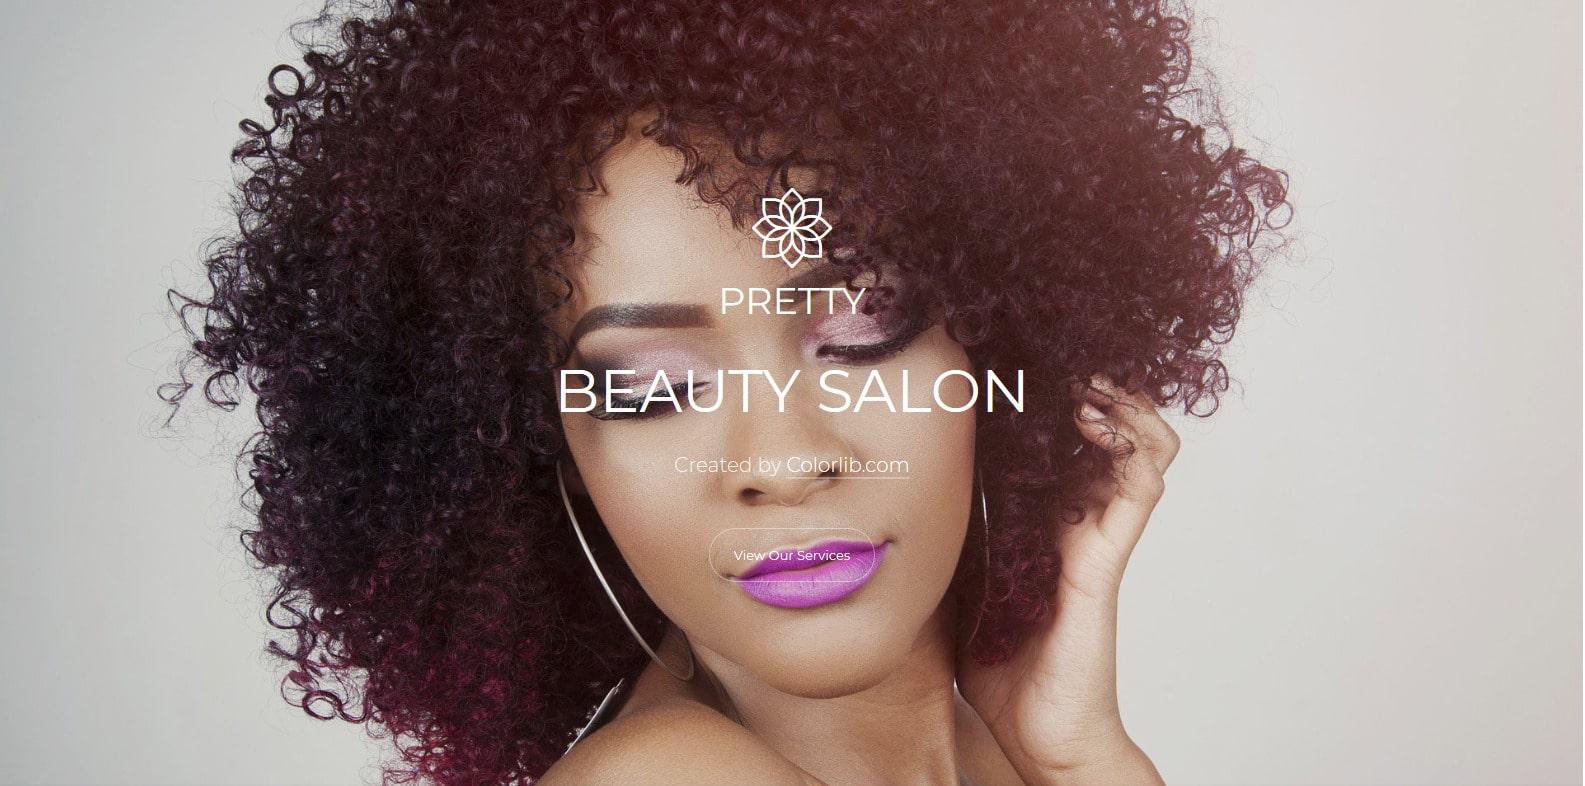 pretty-spa-salon-website-template